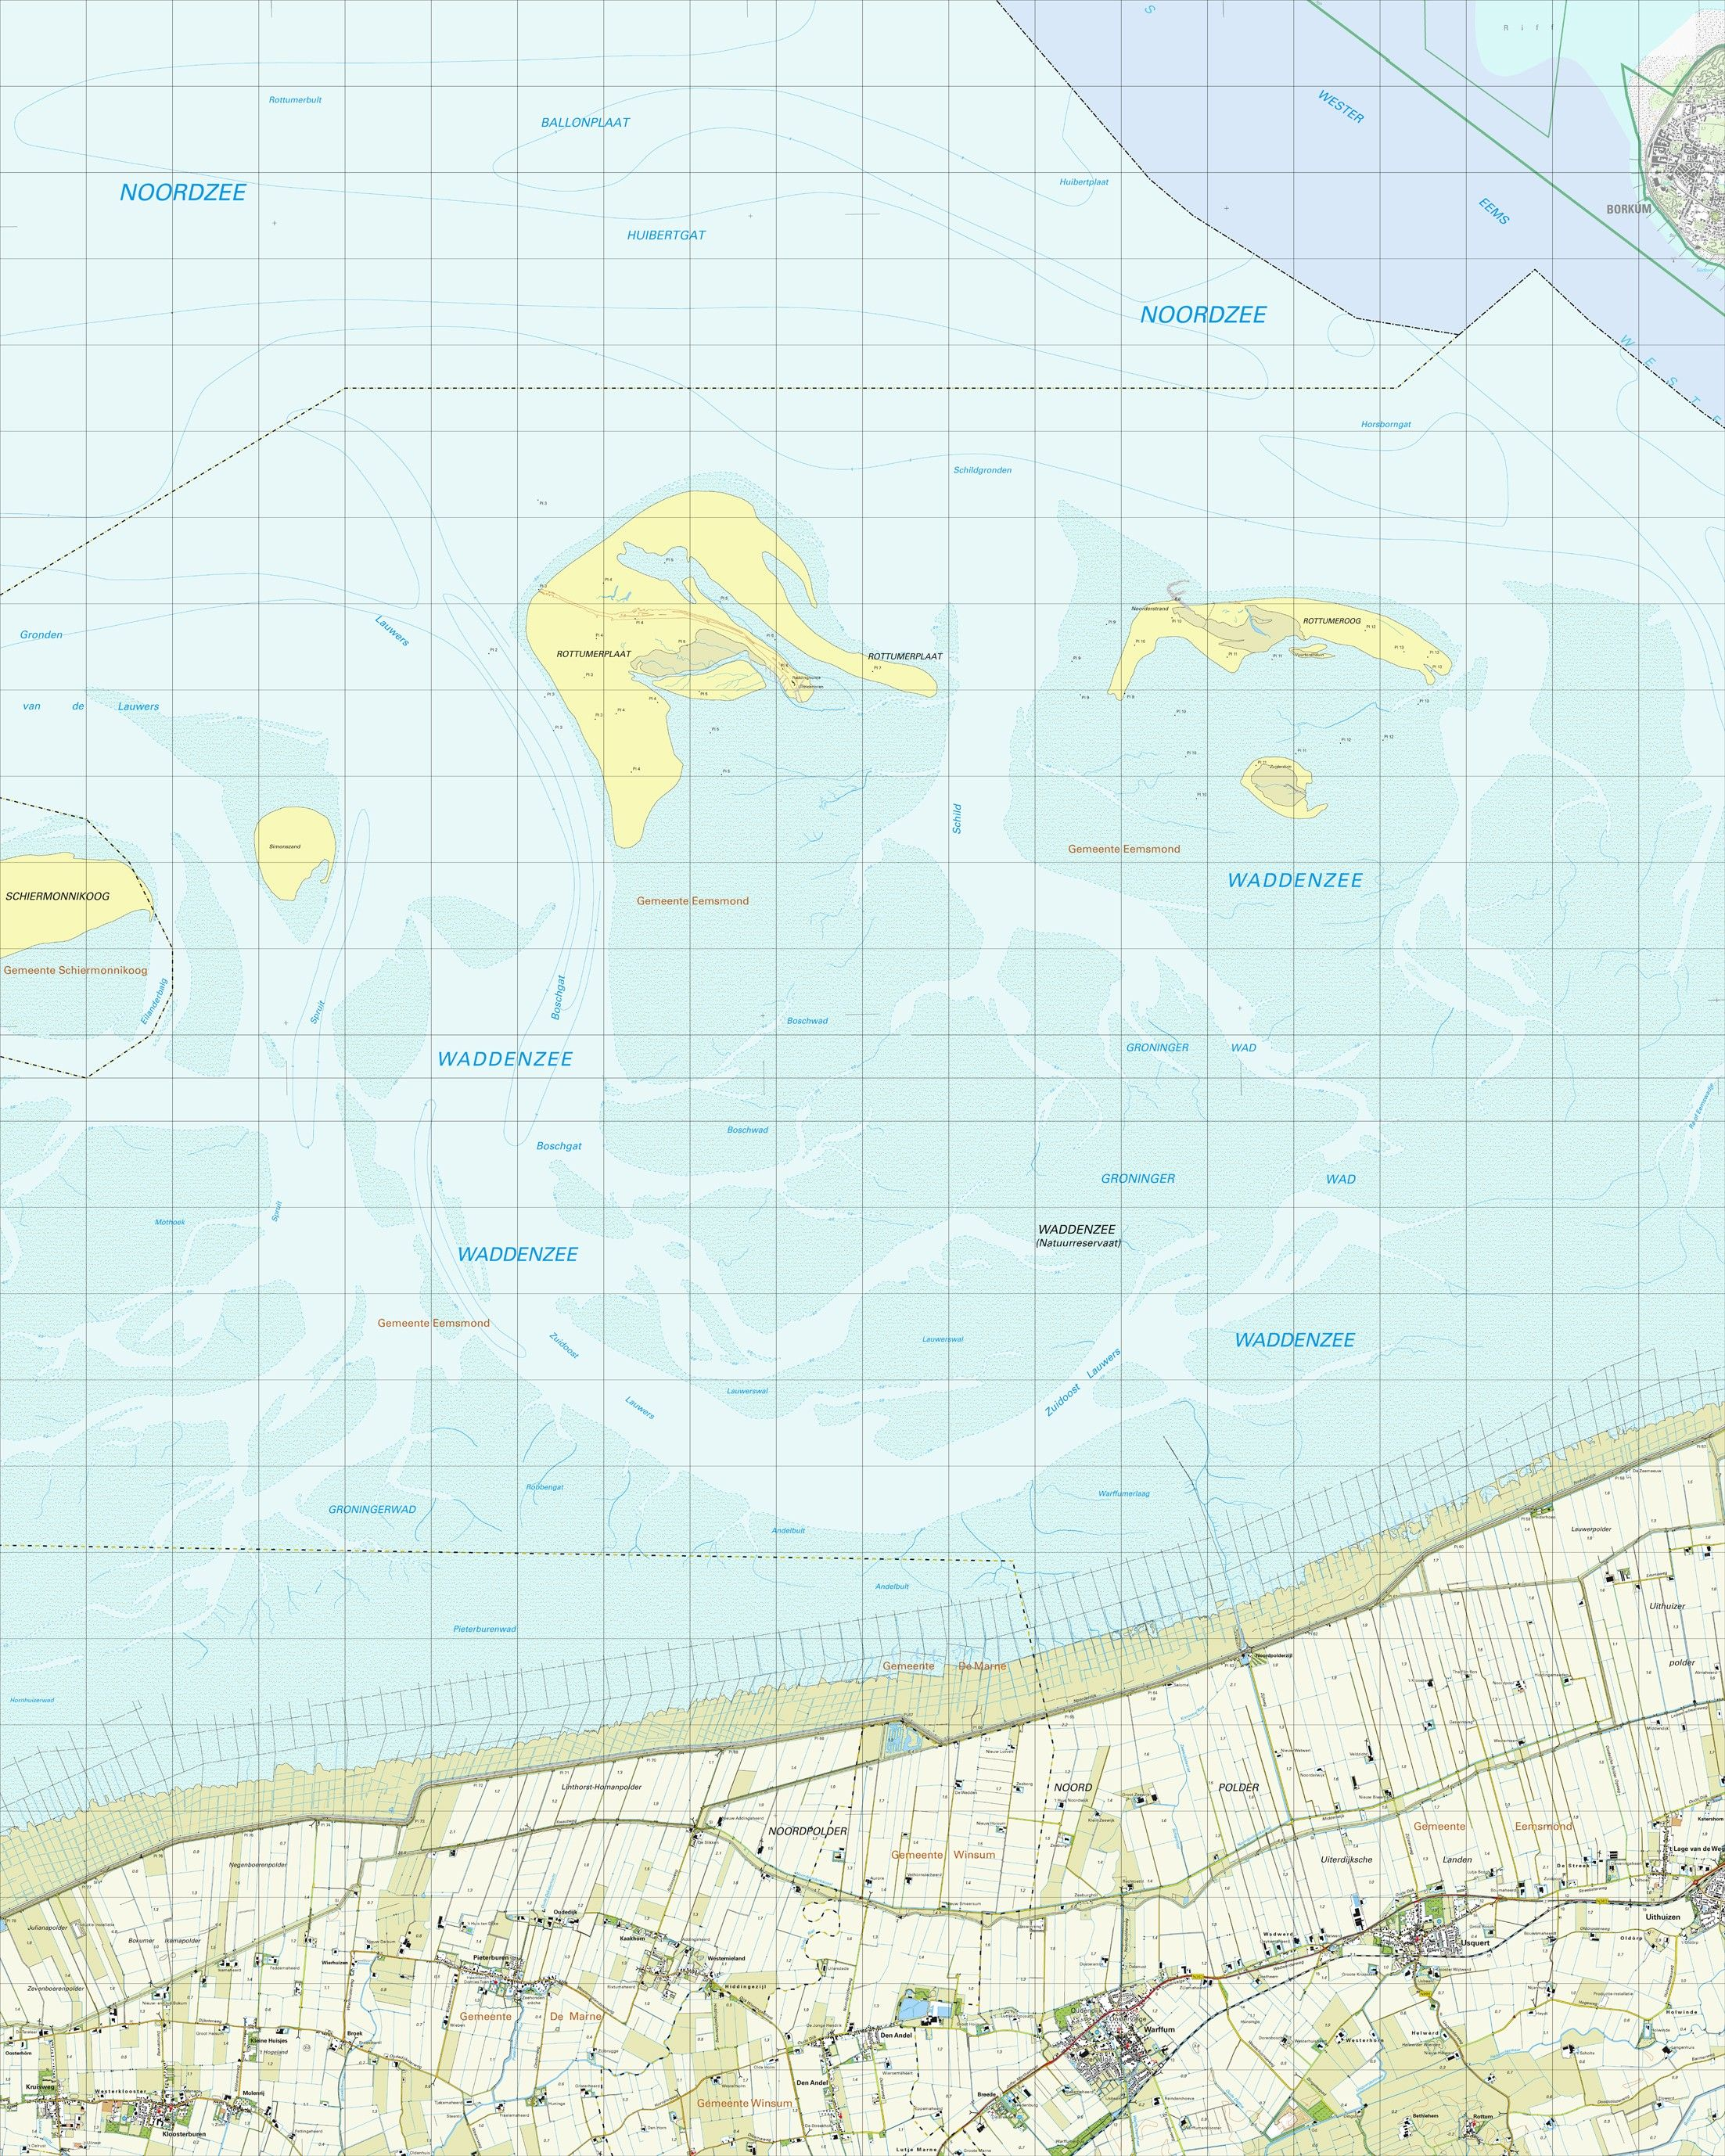 Topografische kaart schaal 1:25.000 (Schiermonnikoog,Rottumerplaat,Rottumeroog,Warffum,Pieterburen)